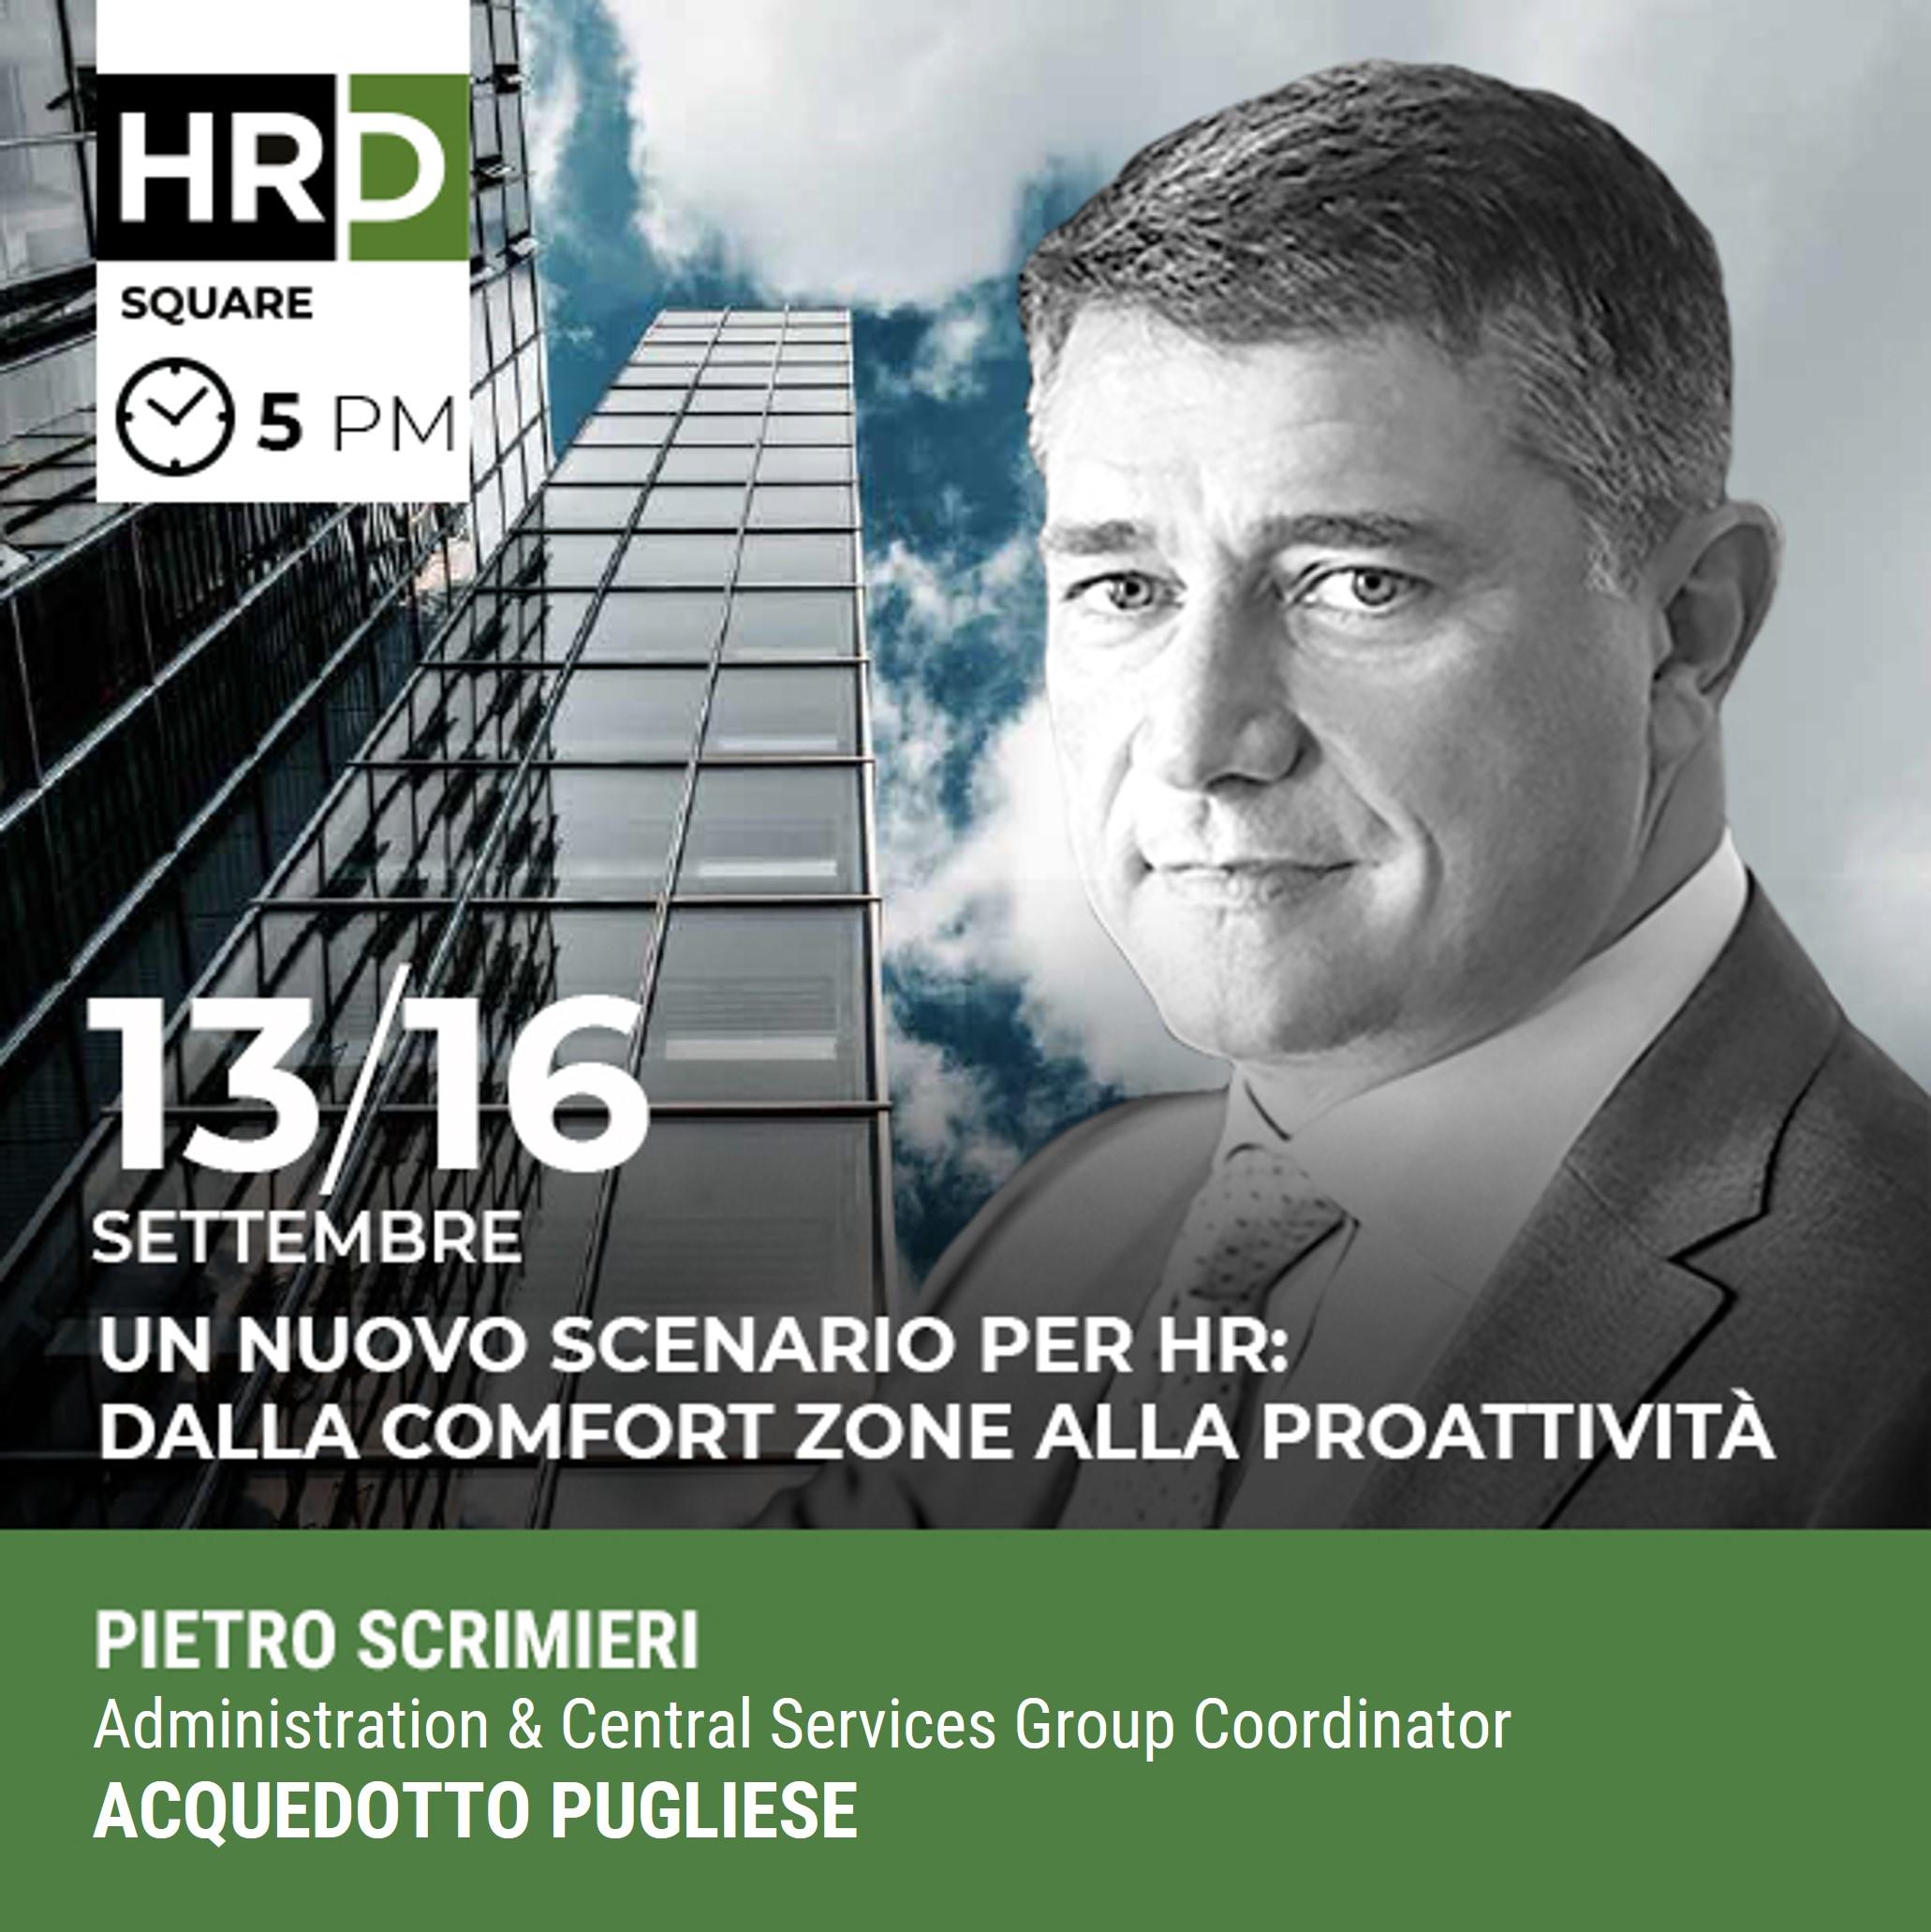 HRD Square - IL LINGUAGGIO E LA RELAZIONE DEGLI SMART LEADER